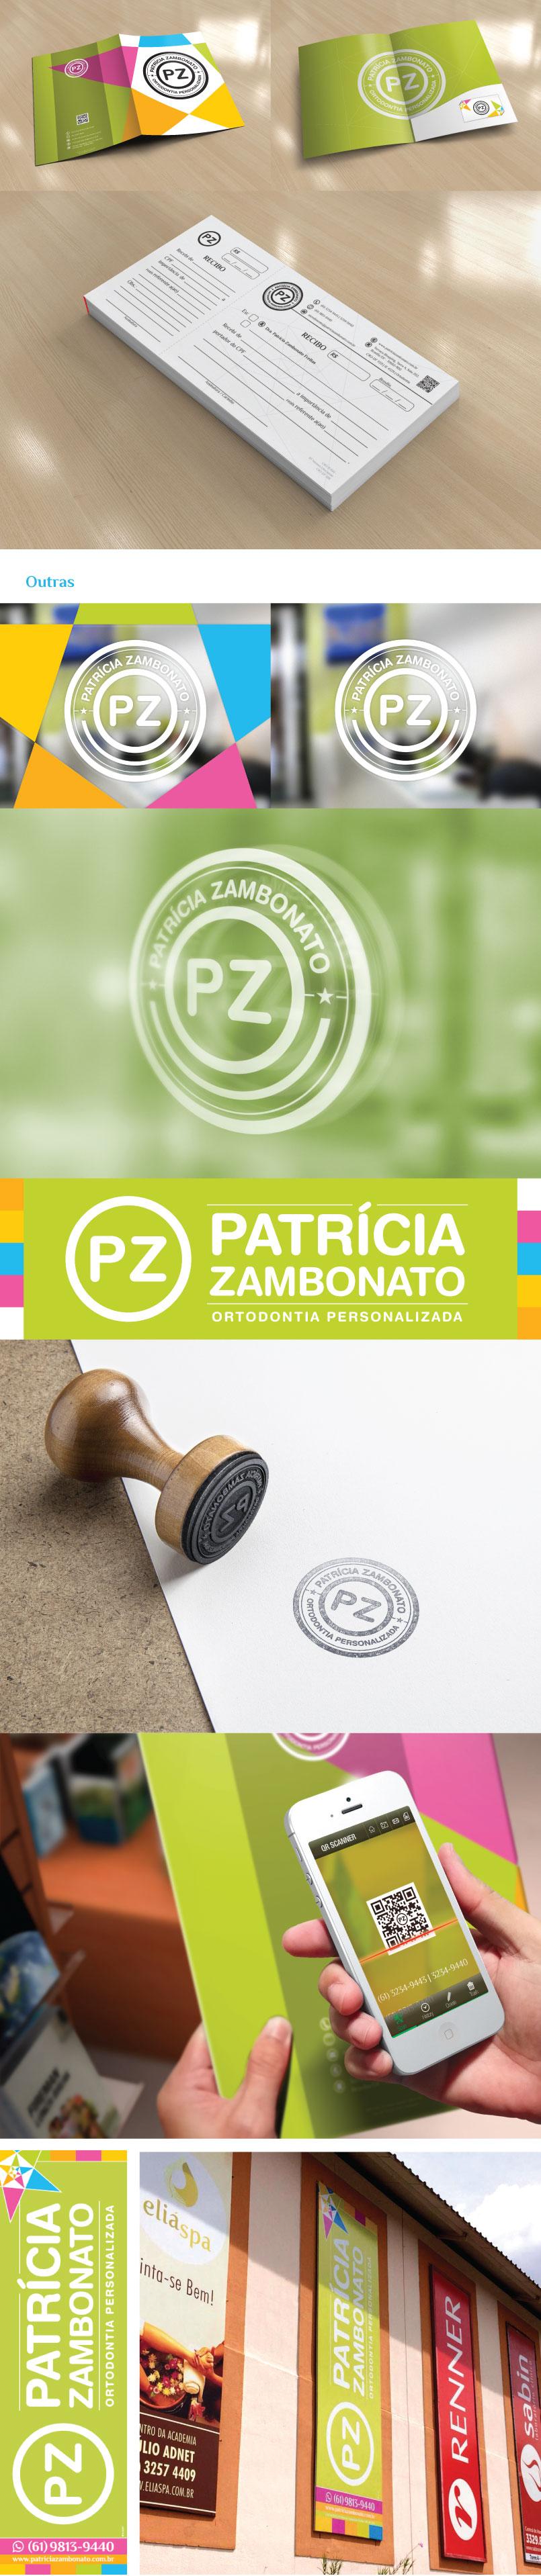 apresentacao-marca-patricia-zambonato-pz-4-01